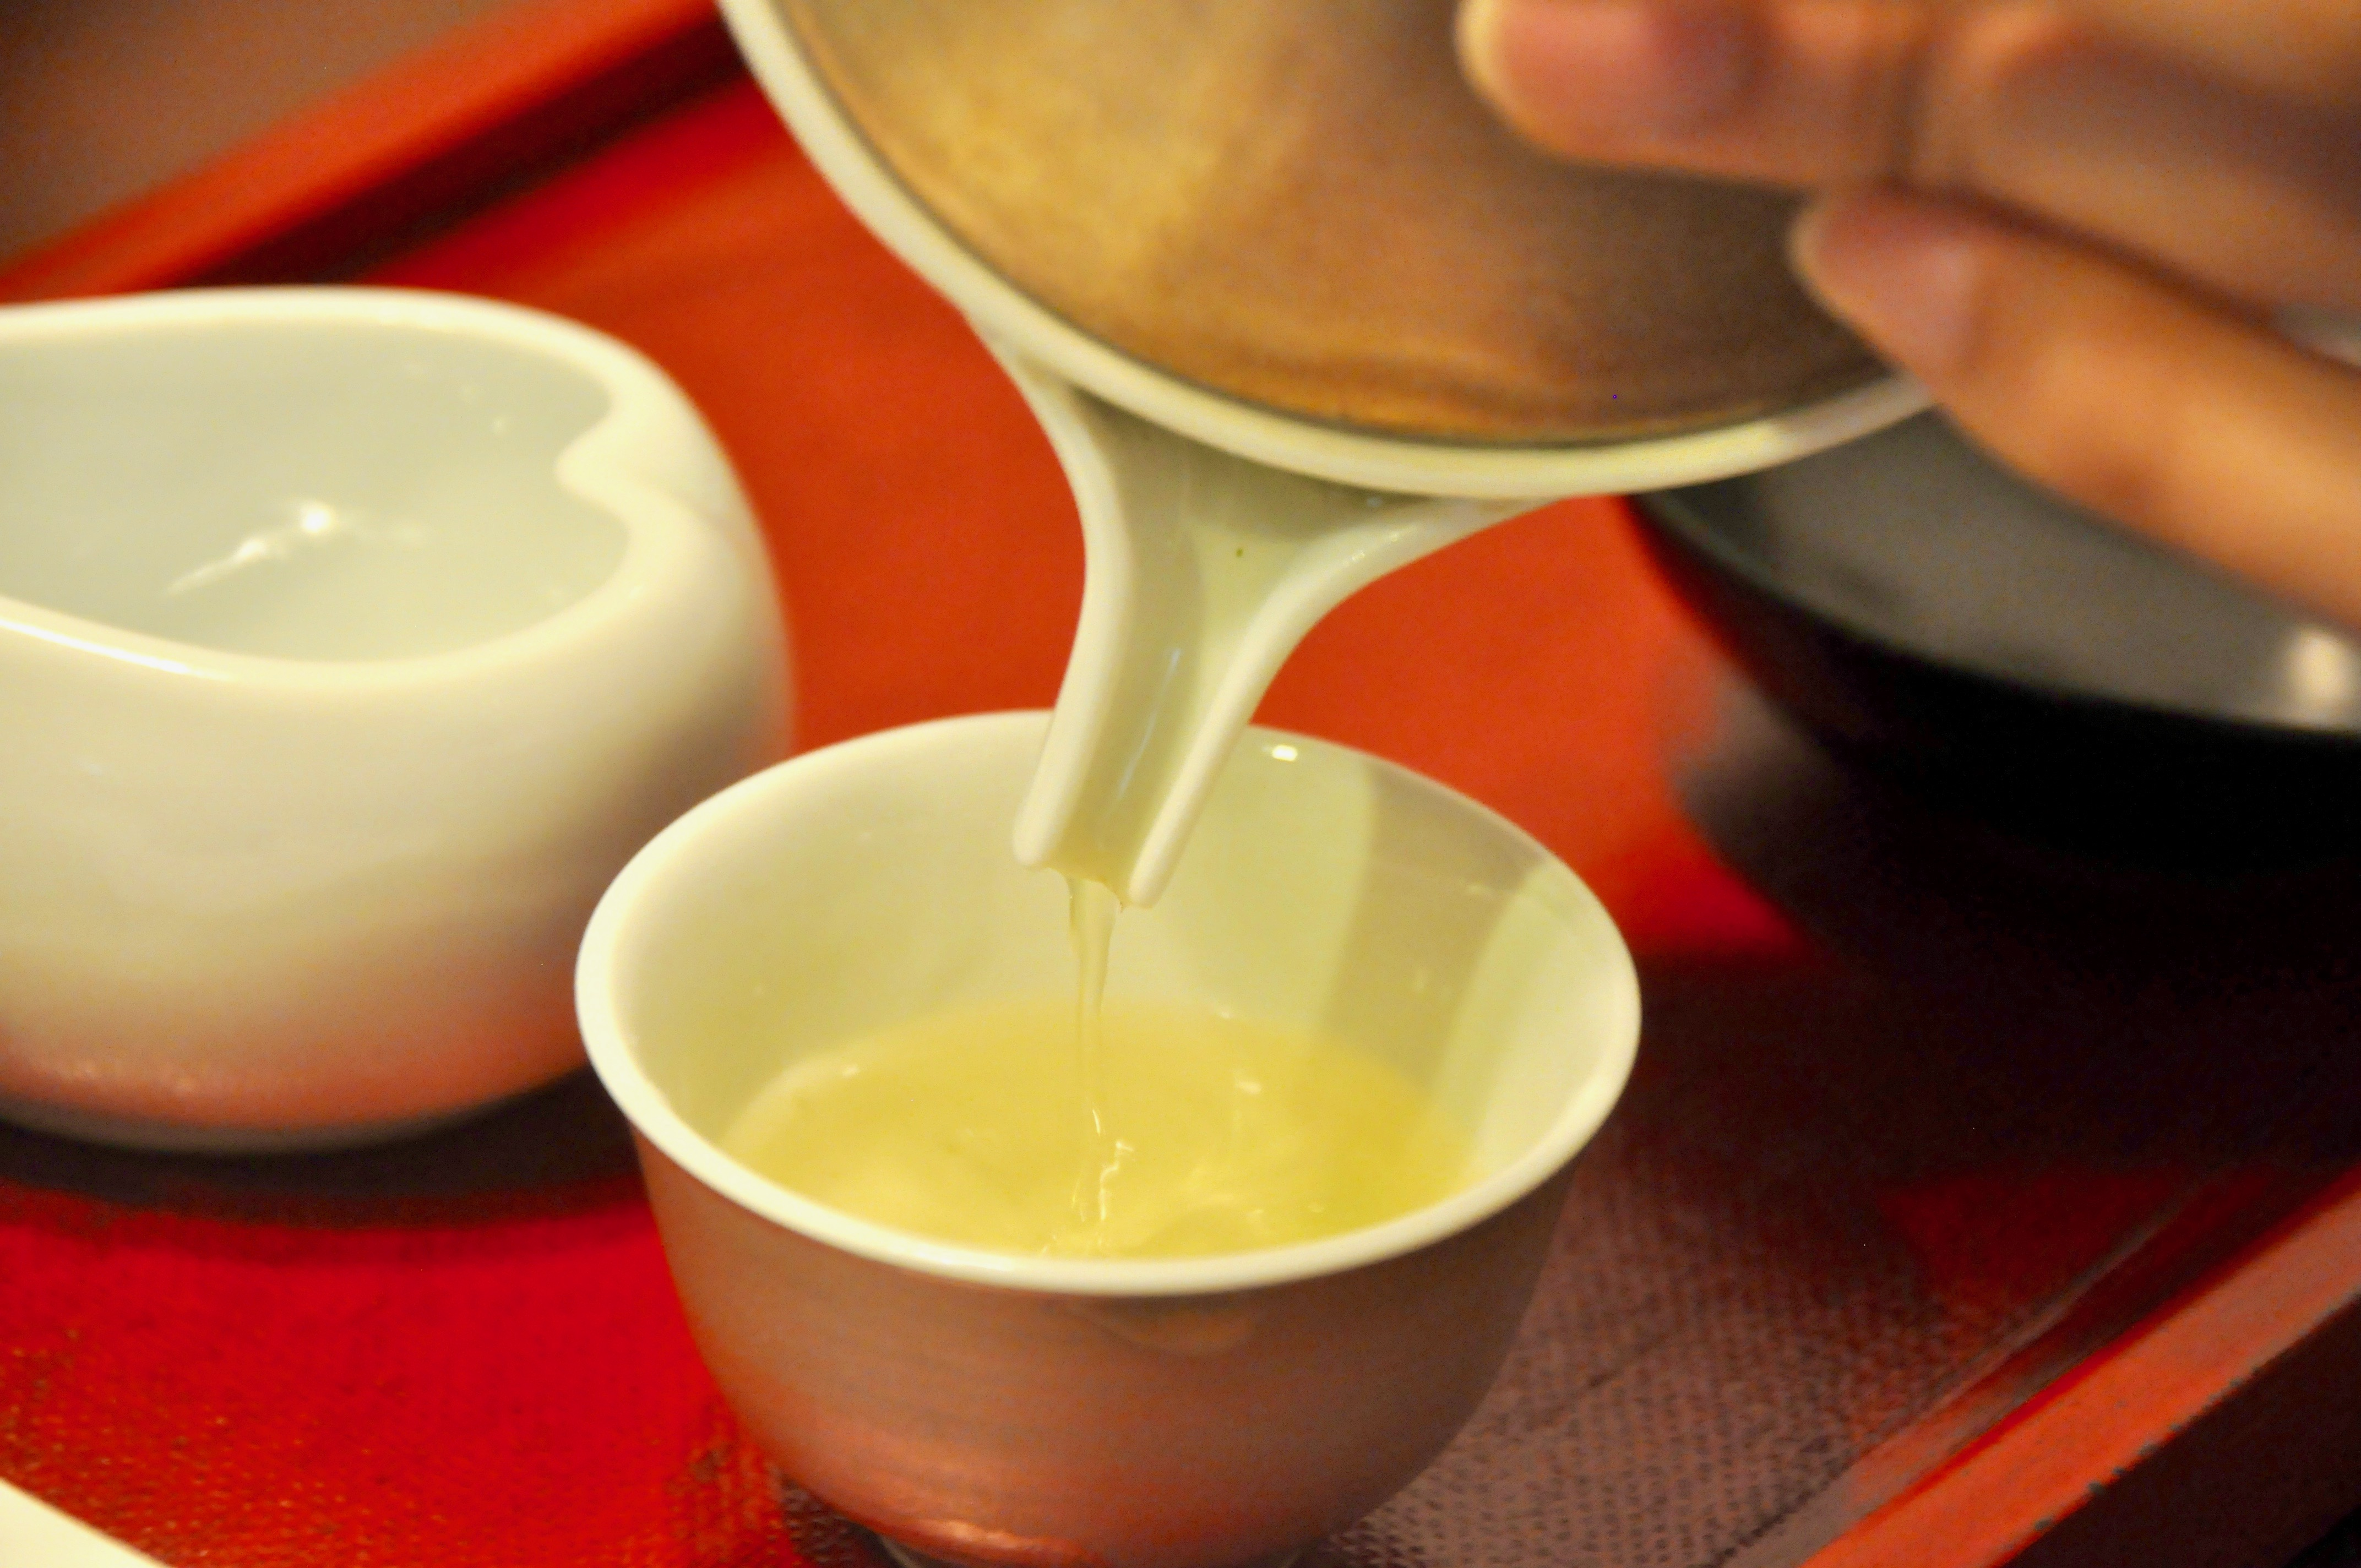 今年もお茶の季節が到来!お茶の価値観が変わる体験、岐阜県東白川村に行ってきた - DSC 0054